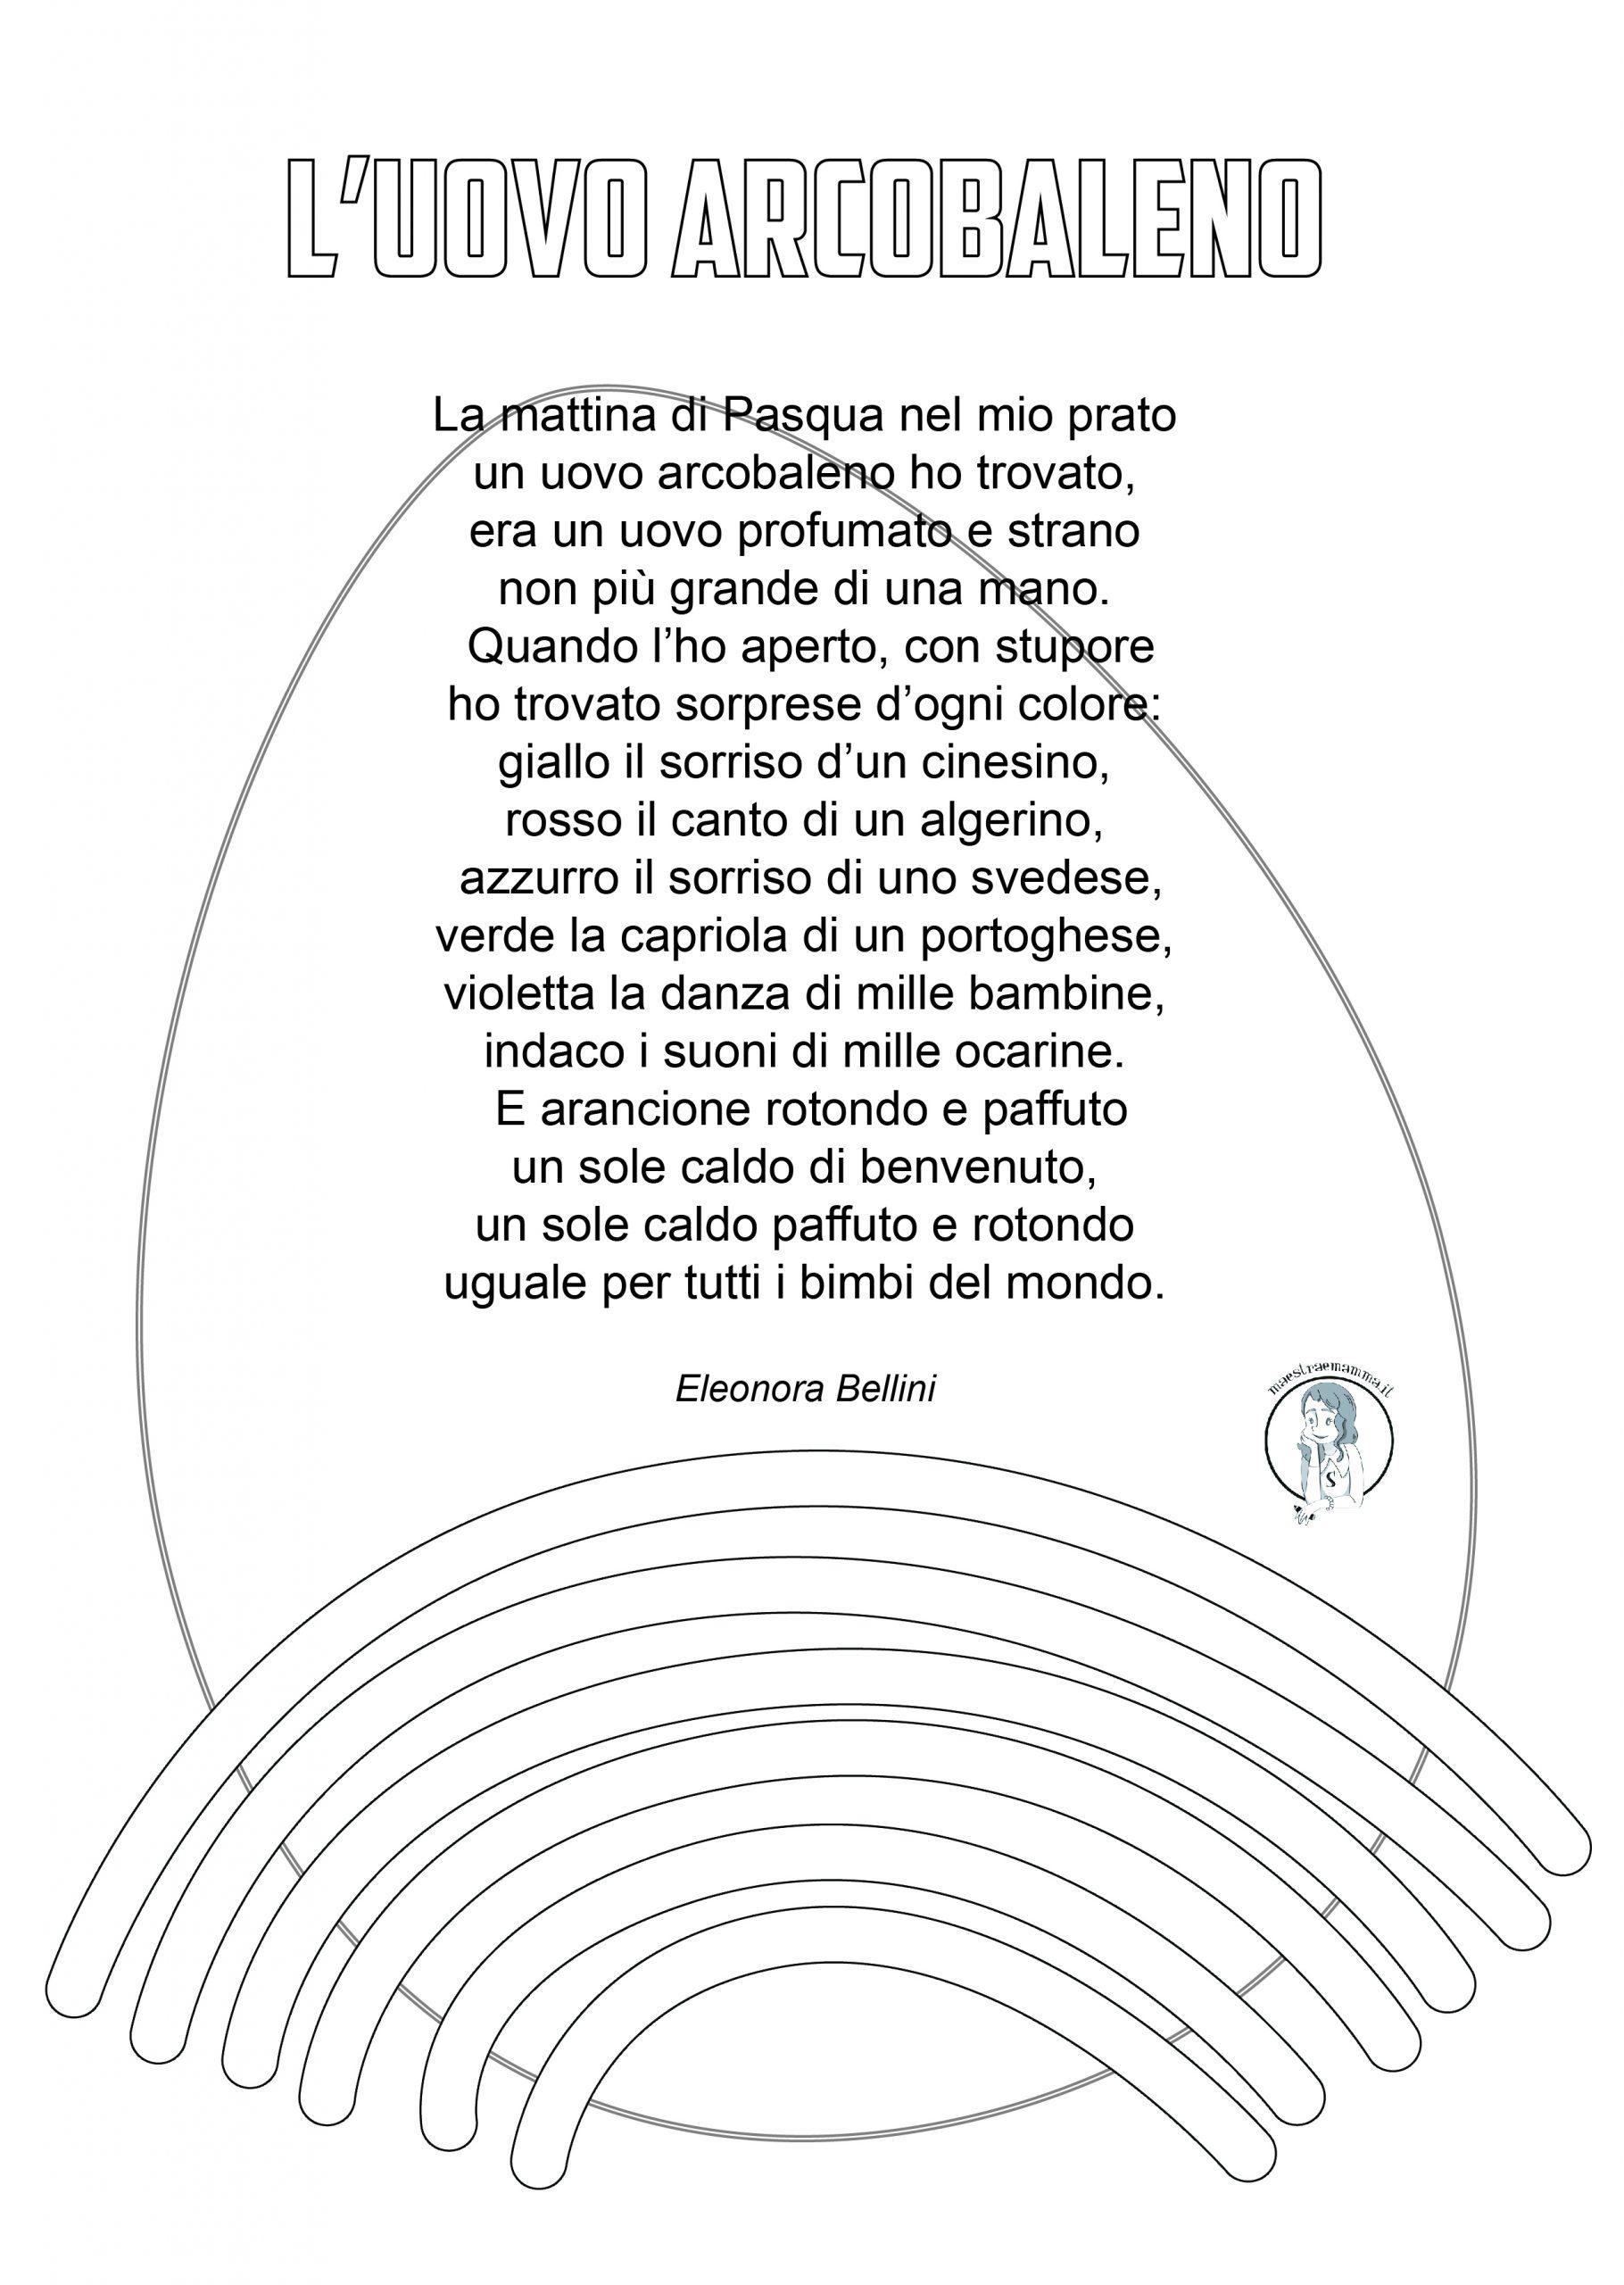 L'uovo arcobaleno - poesia di Pasqua per bambini